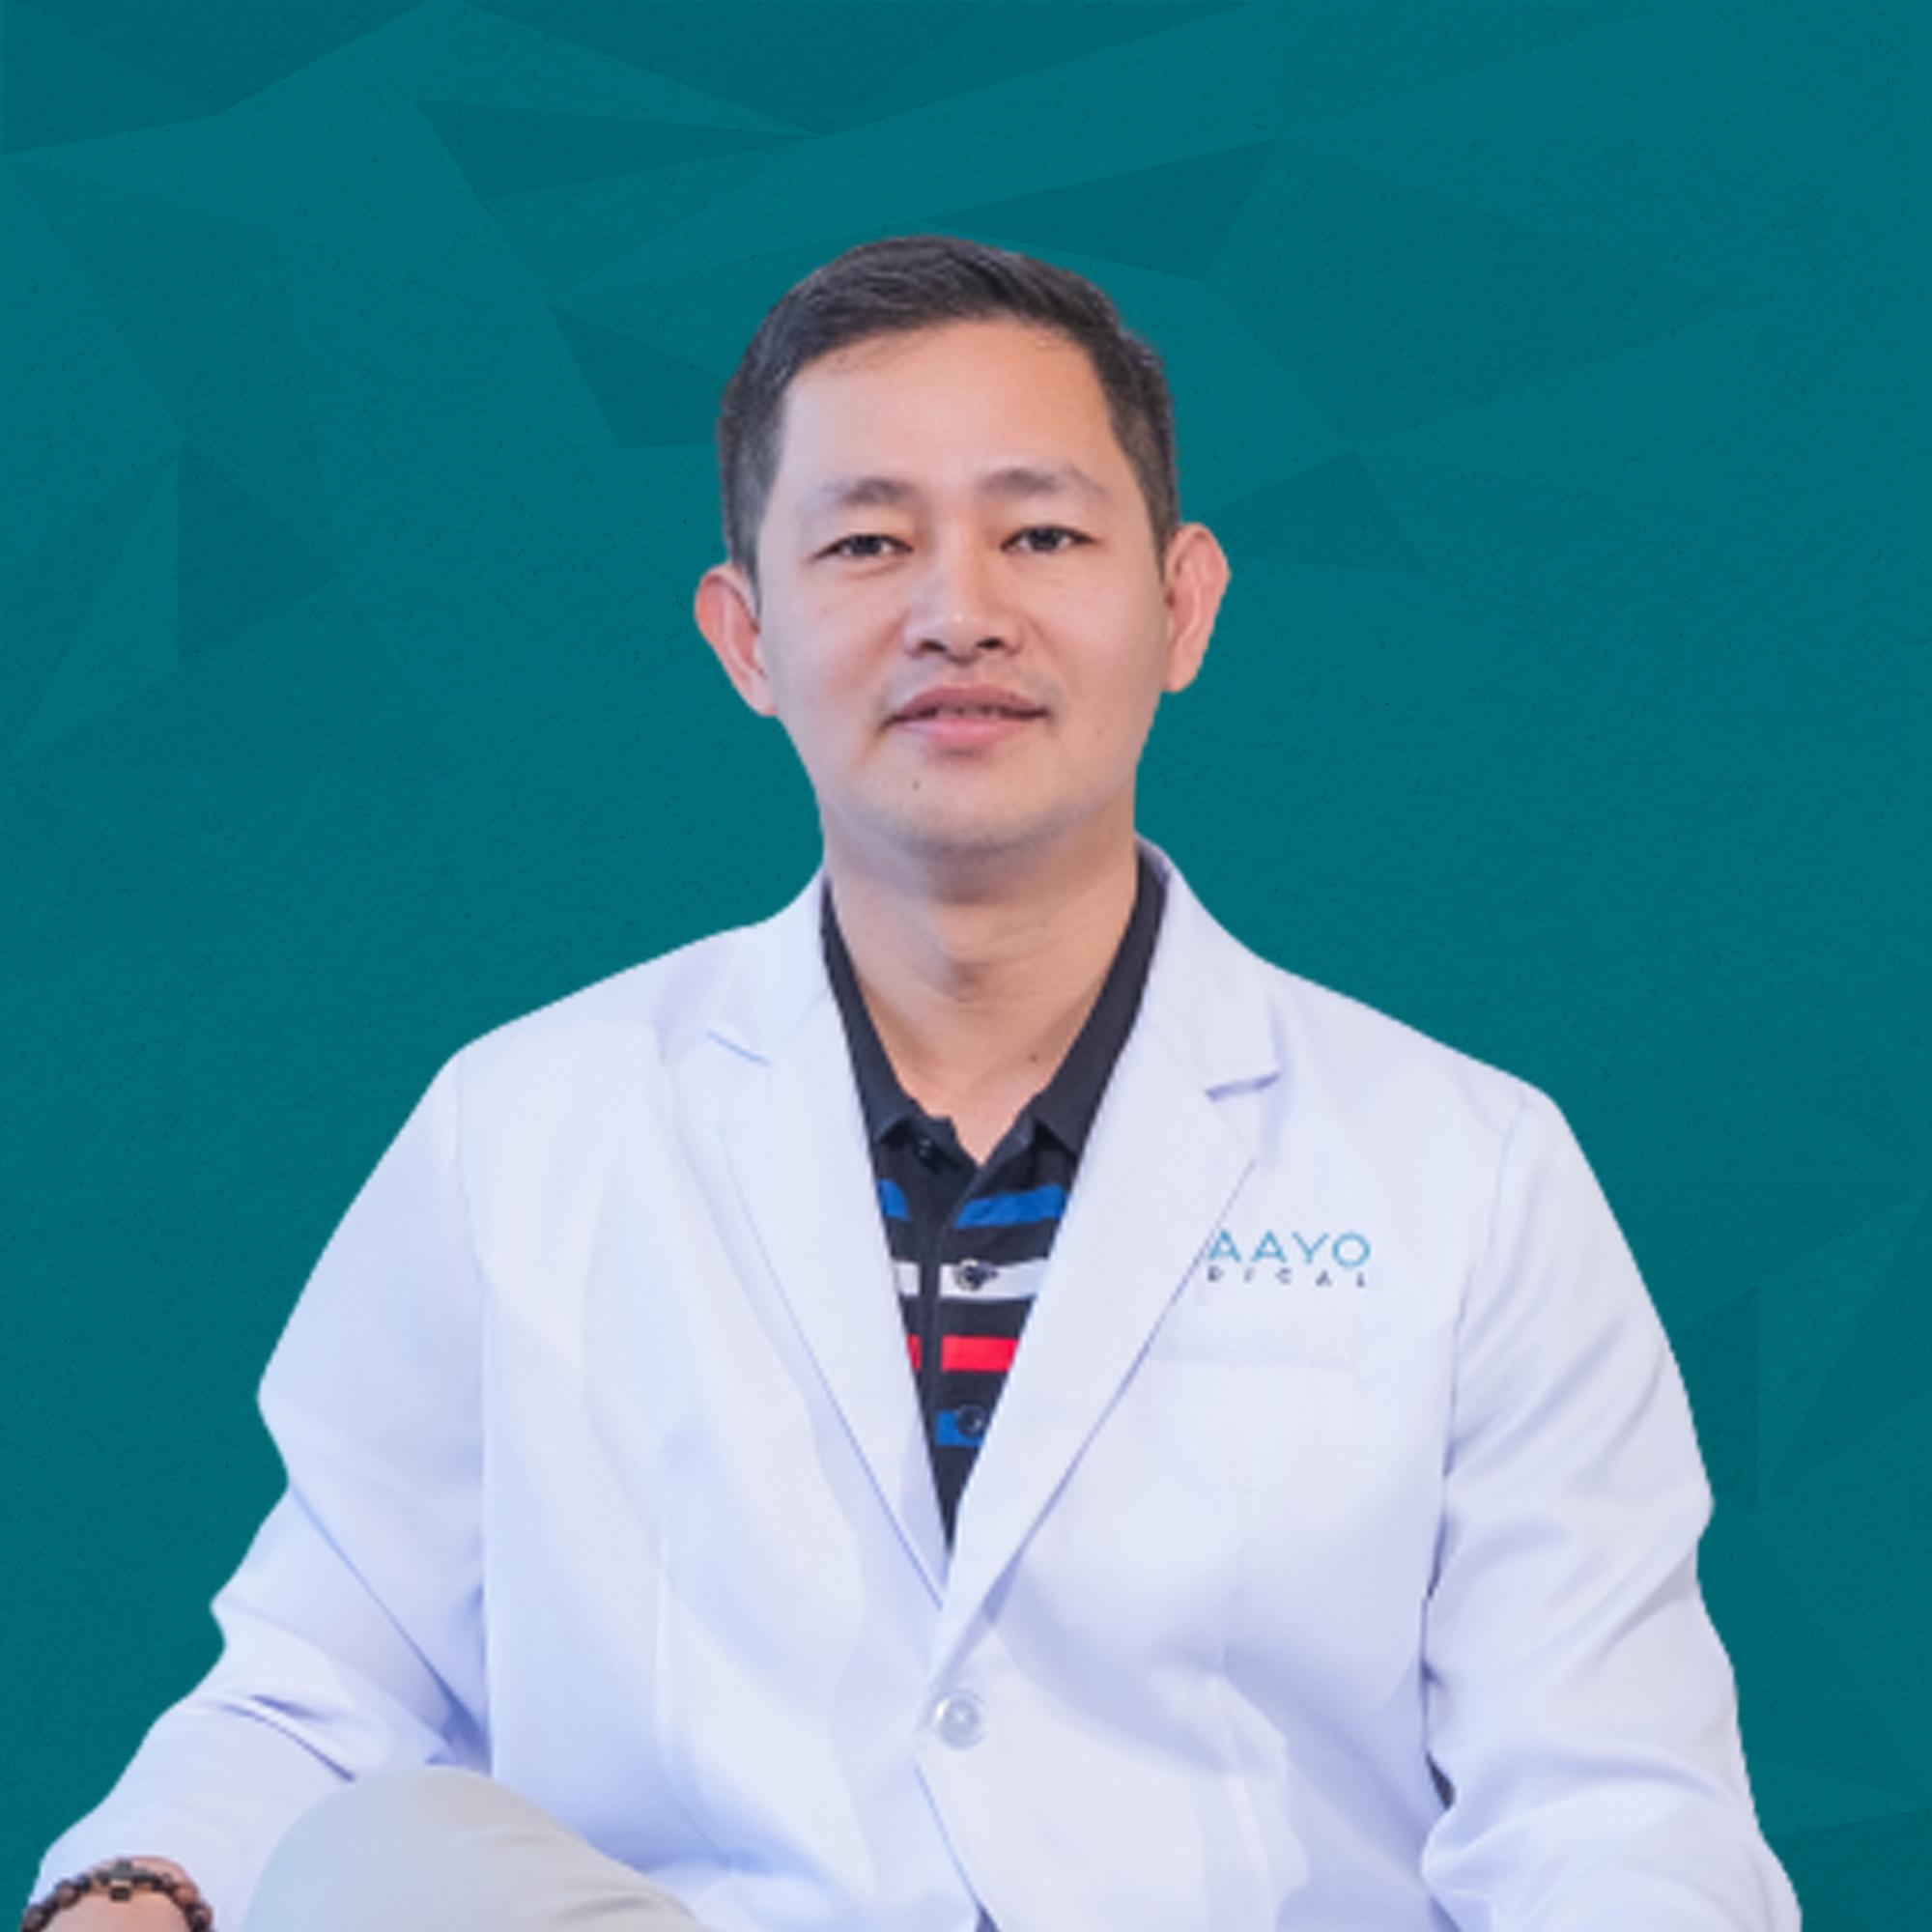 Dr. Sia, Jason